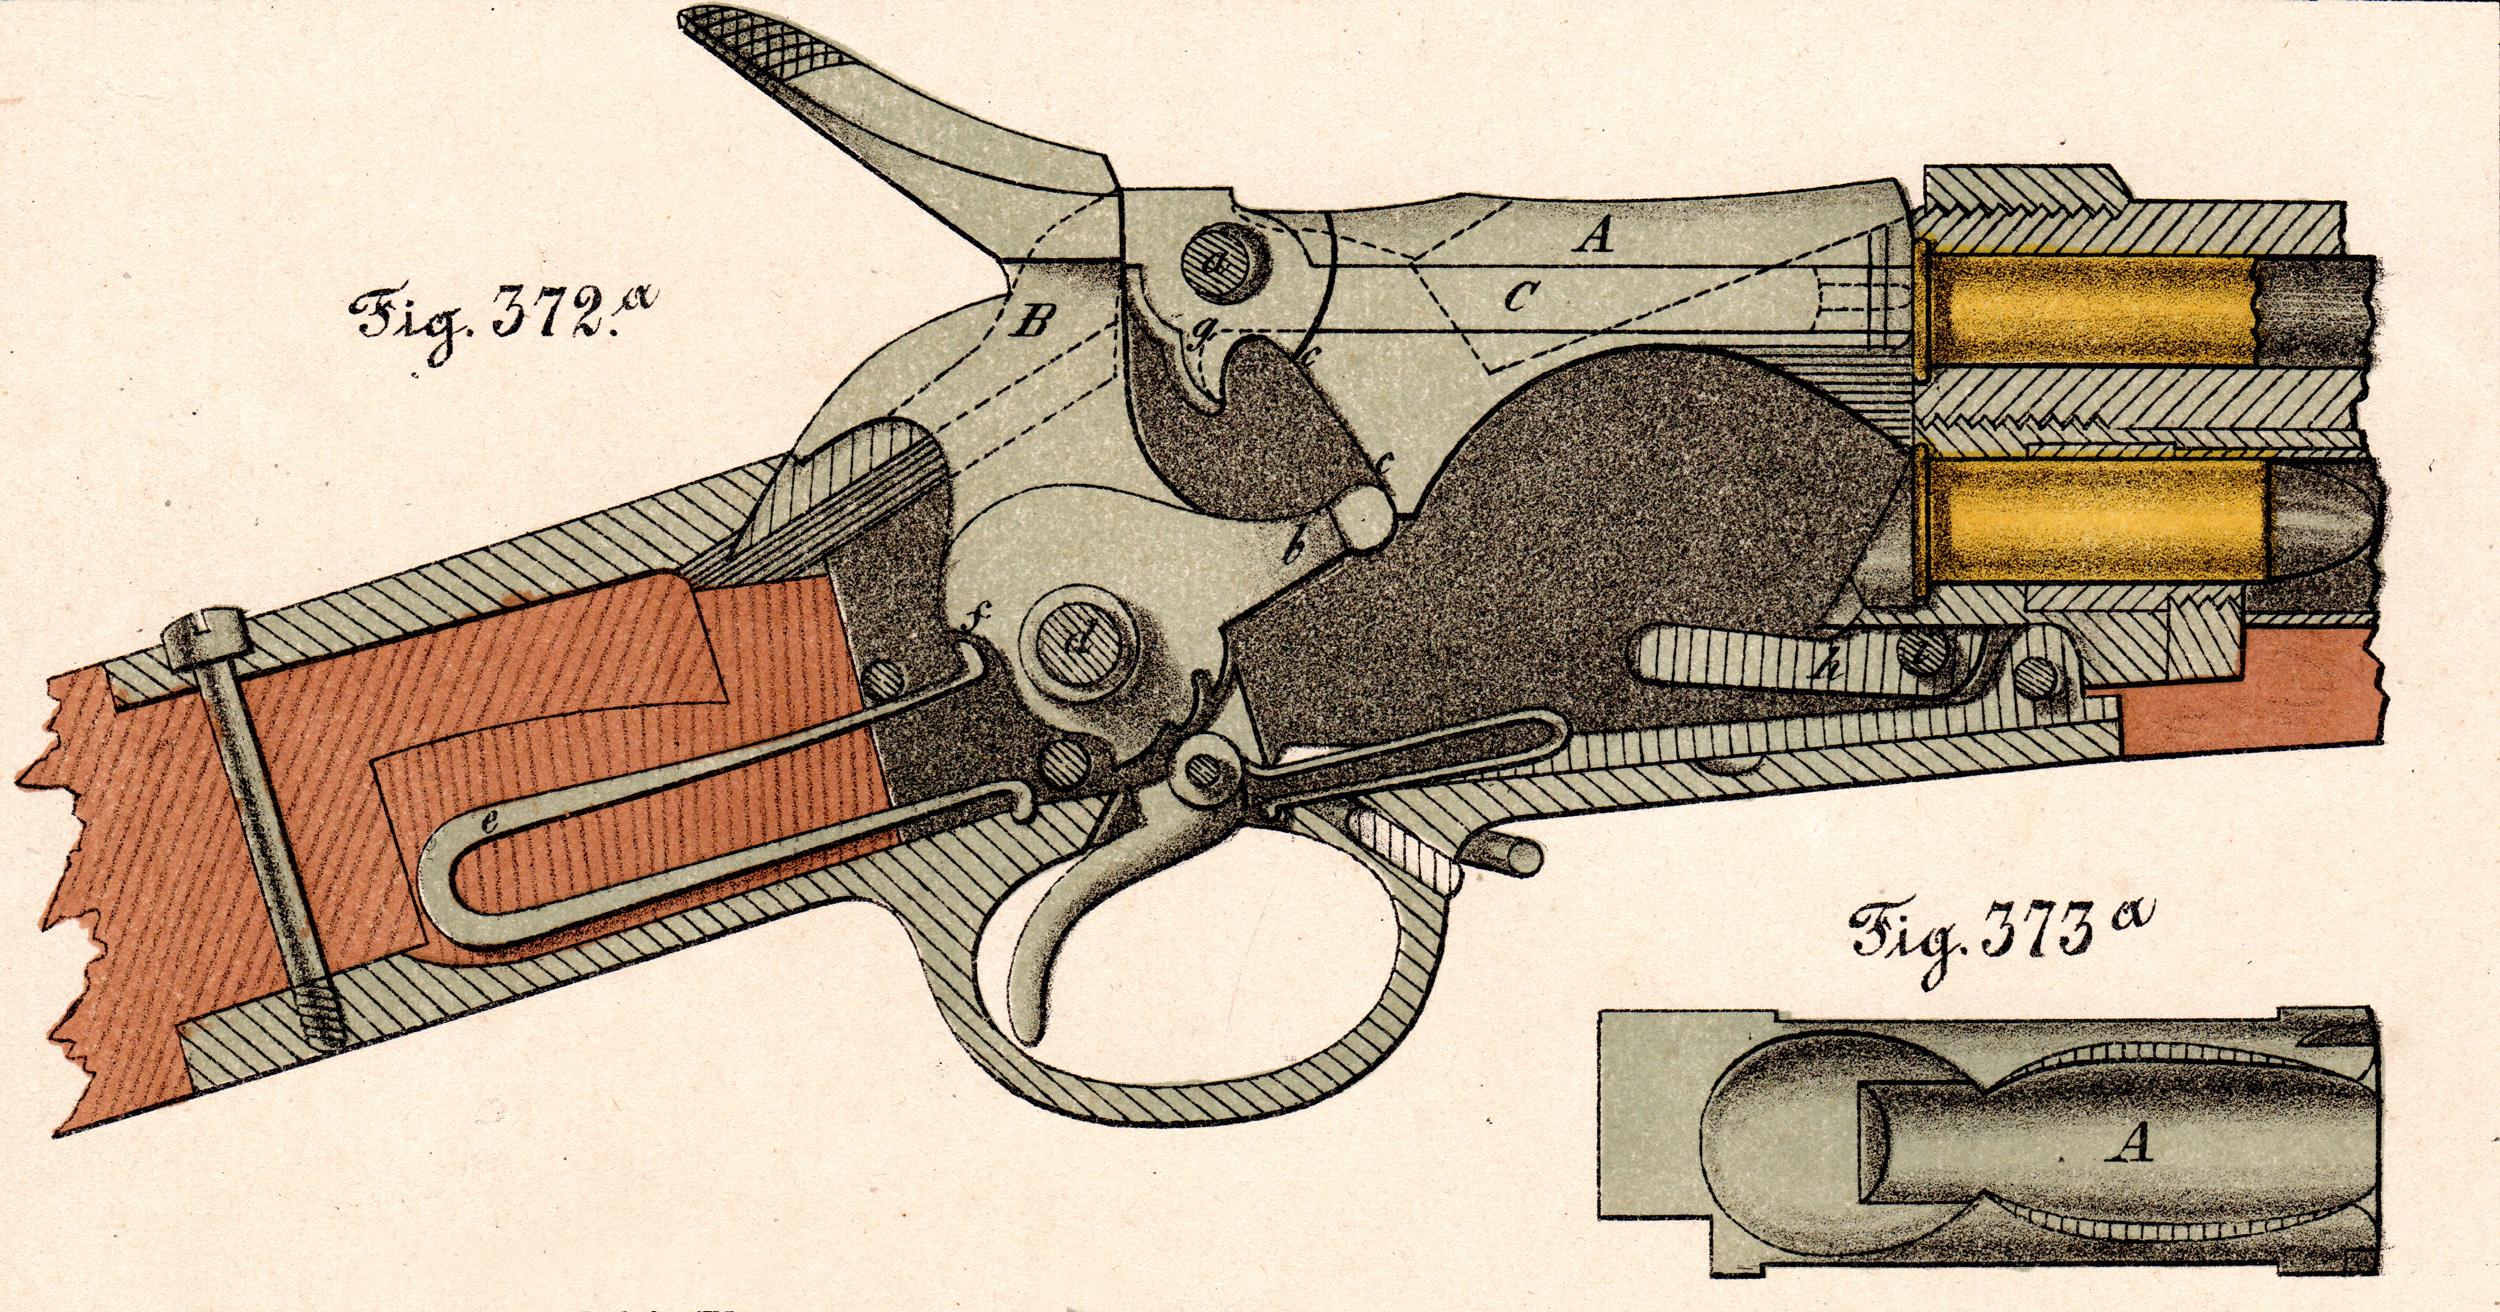 Antique and Vintage prints of guns, rifles, etc.